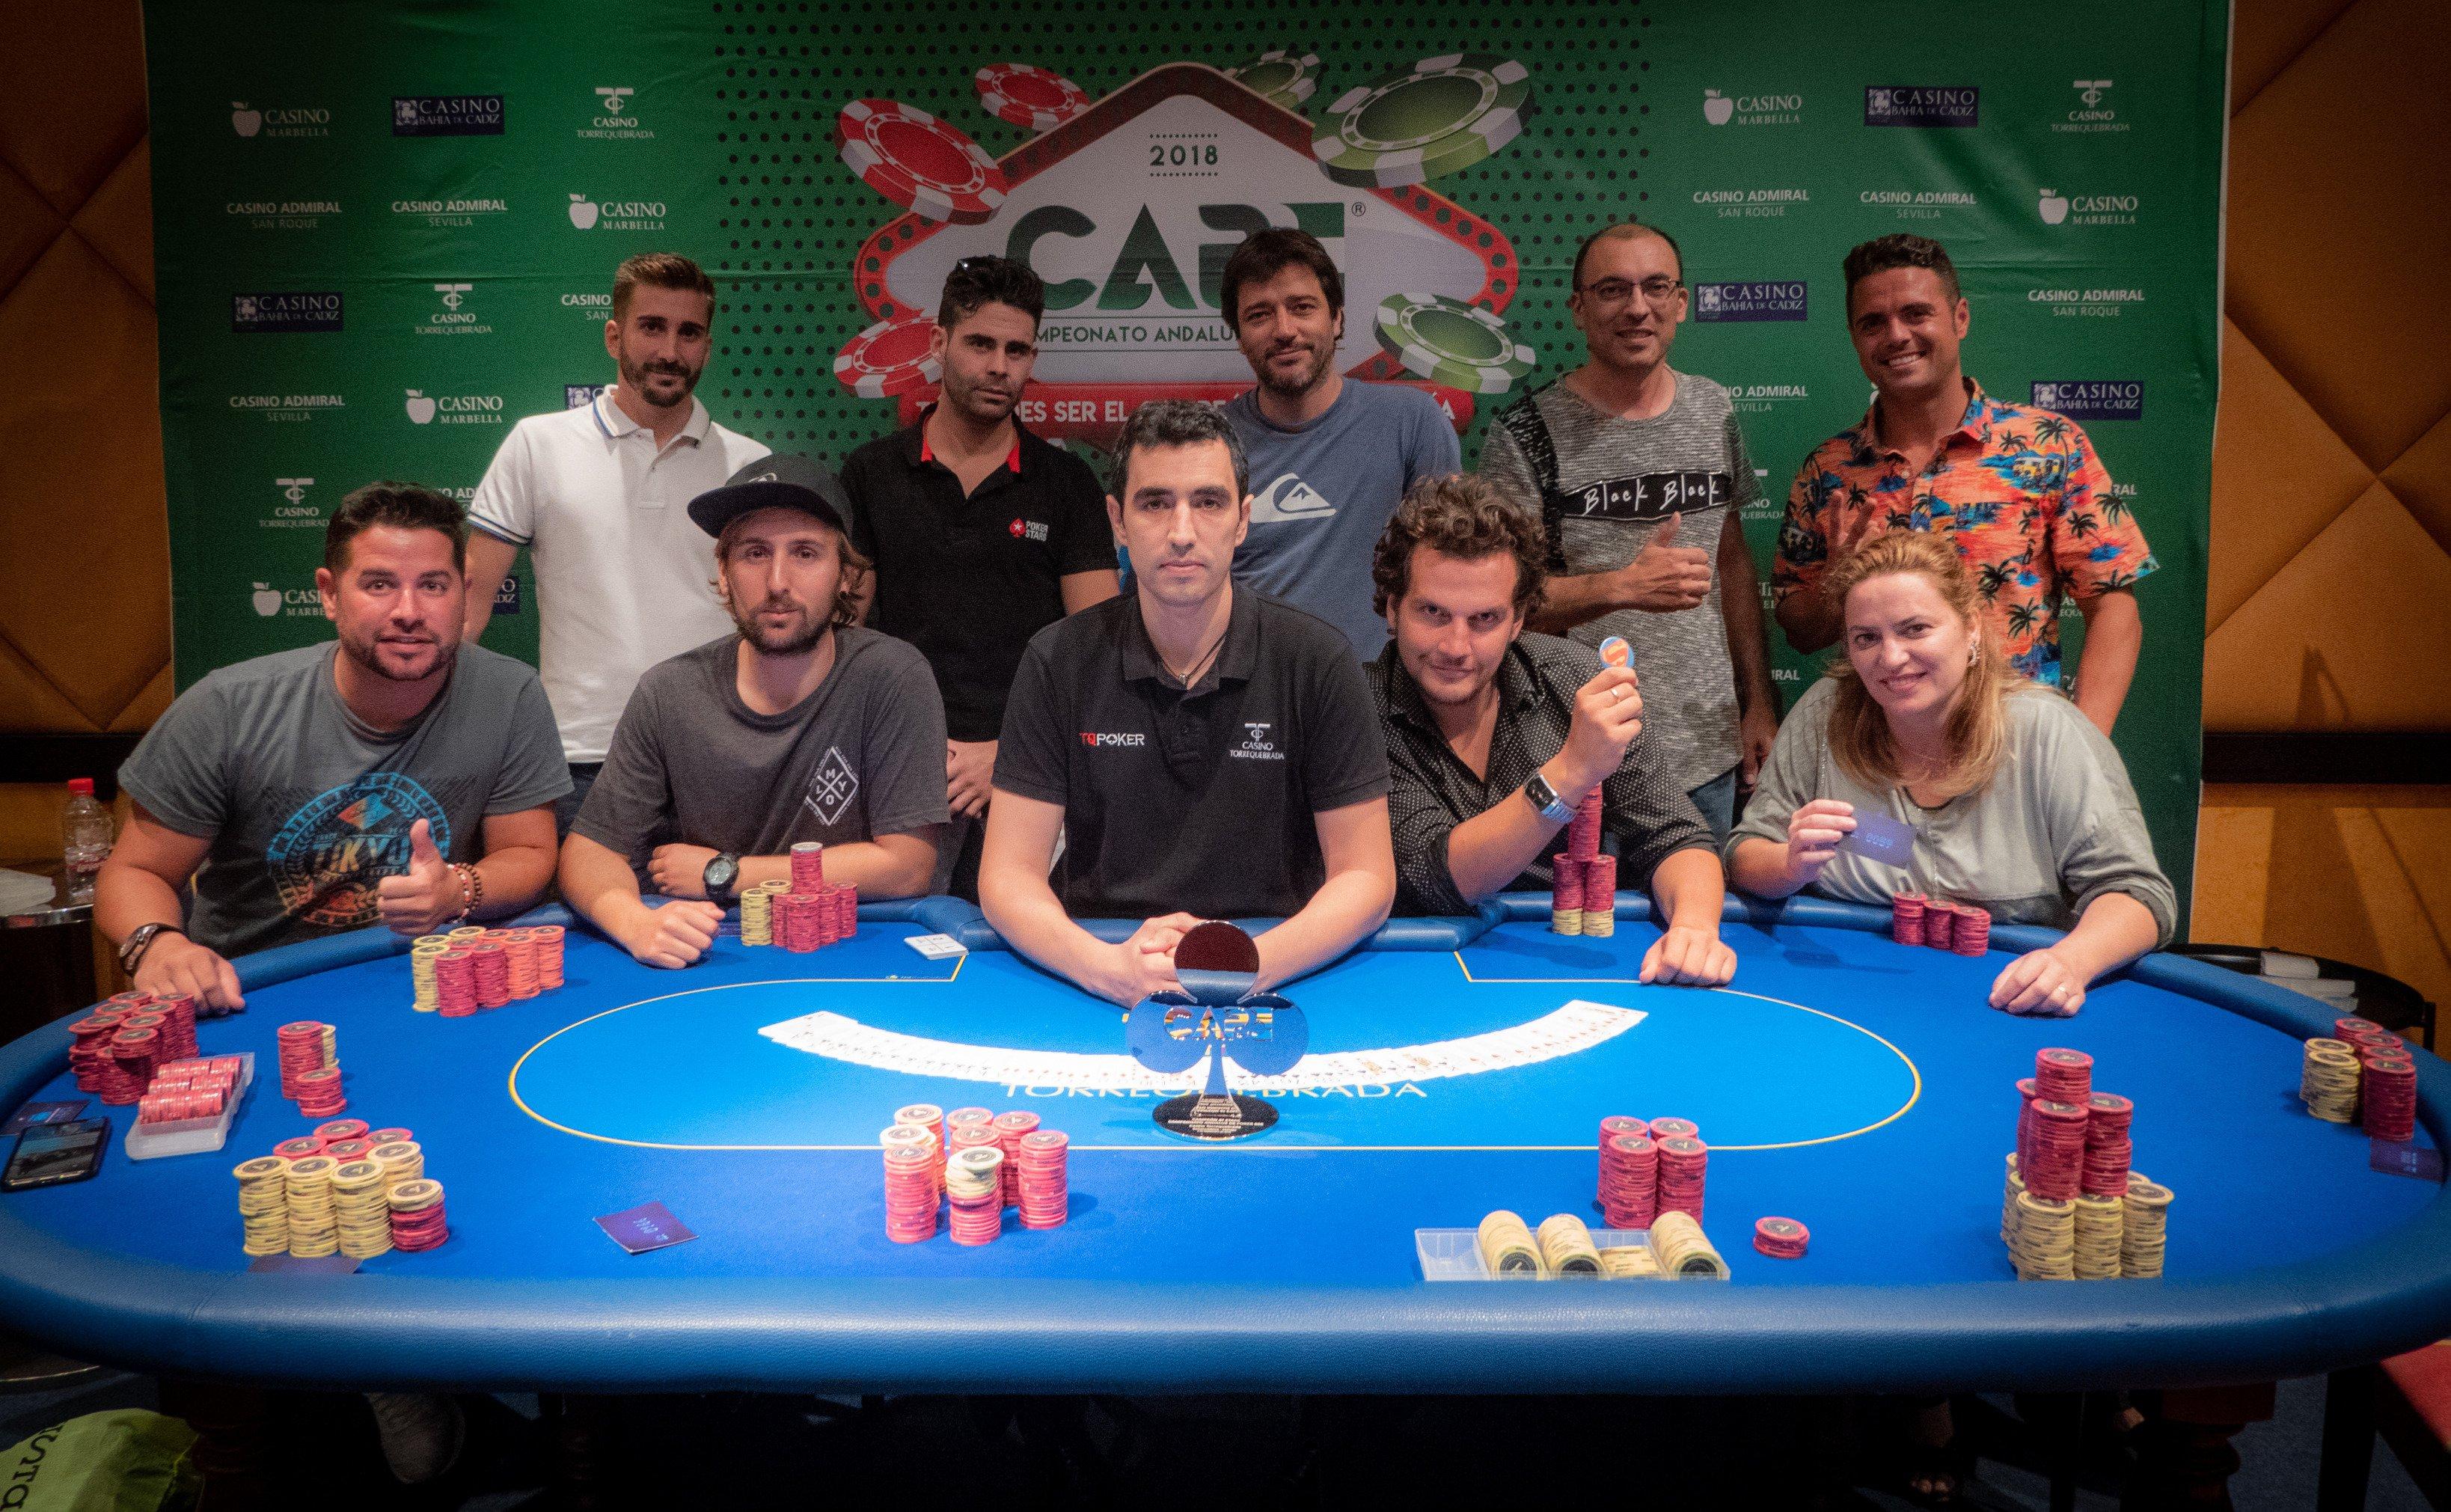 Campeonato Andaluz de Poker en Casino Torrequebrada (Málaga)